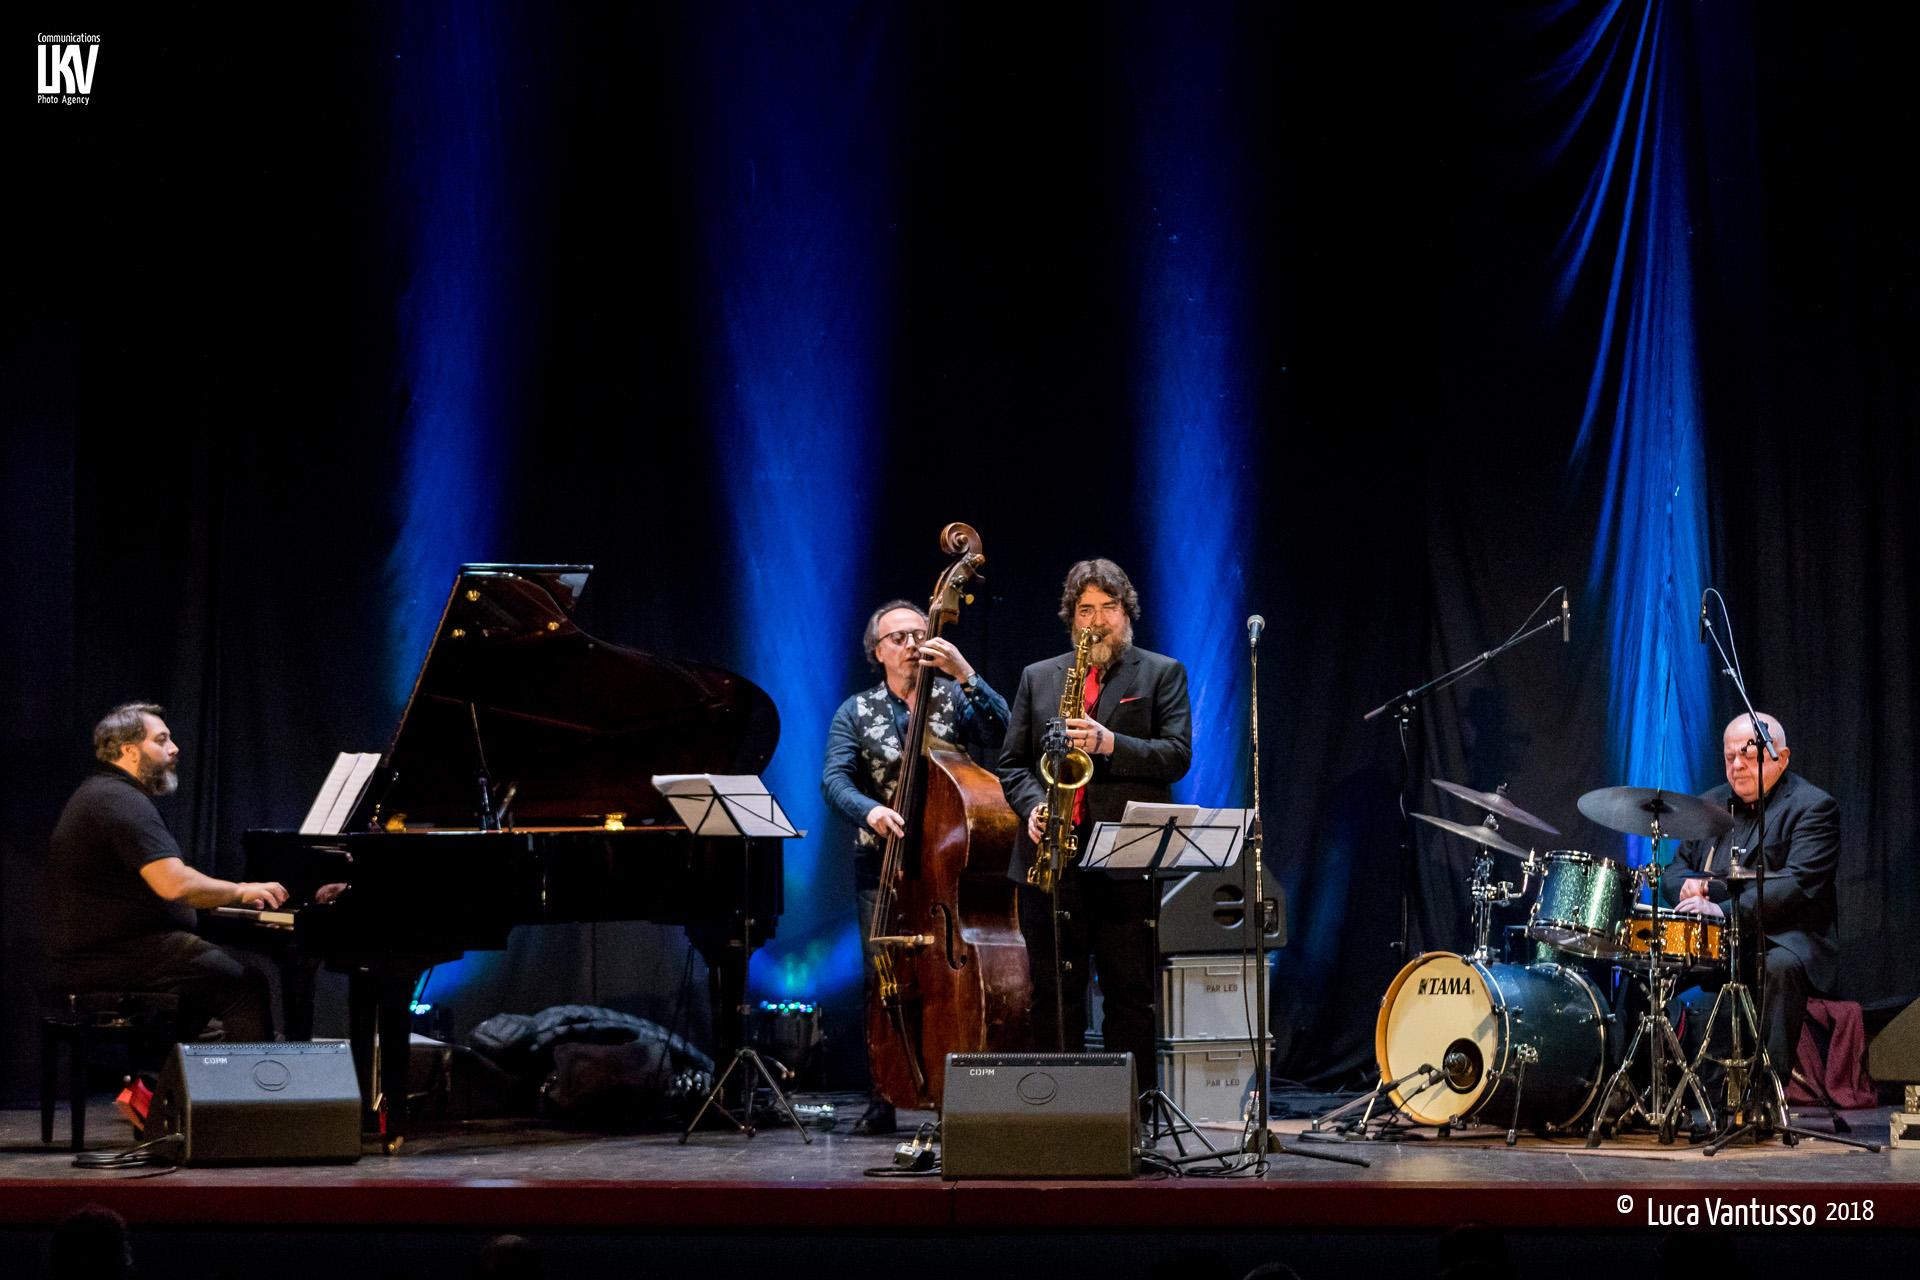 Luca Vantusso</br>Jazz Supremacy</br>Reportage